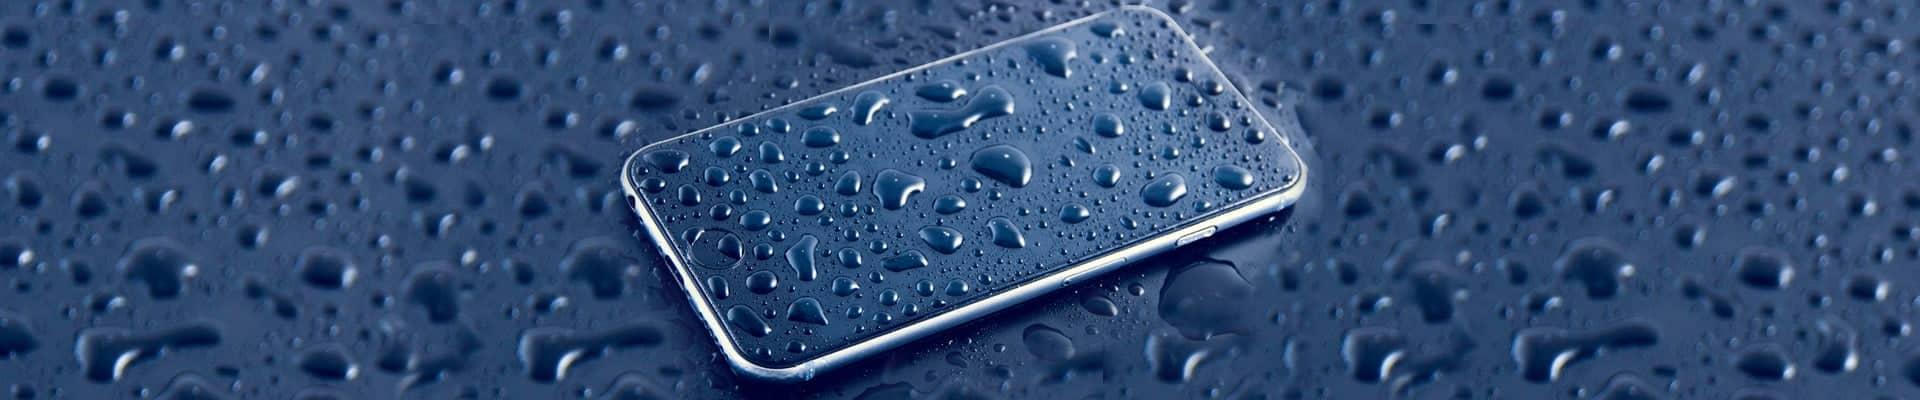 mobile phone repairs kettering, mobile phone repairs rushden, mobile phone repairs northampton